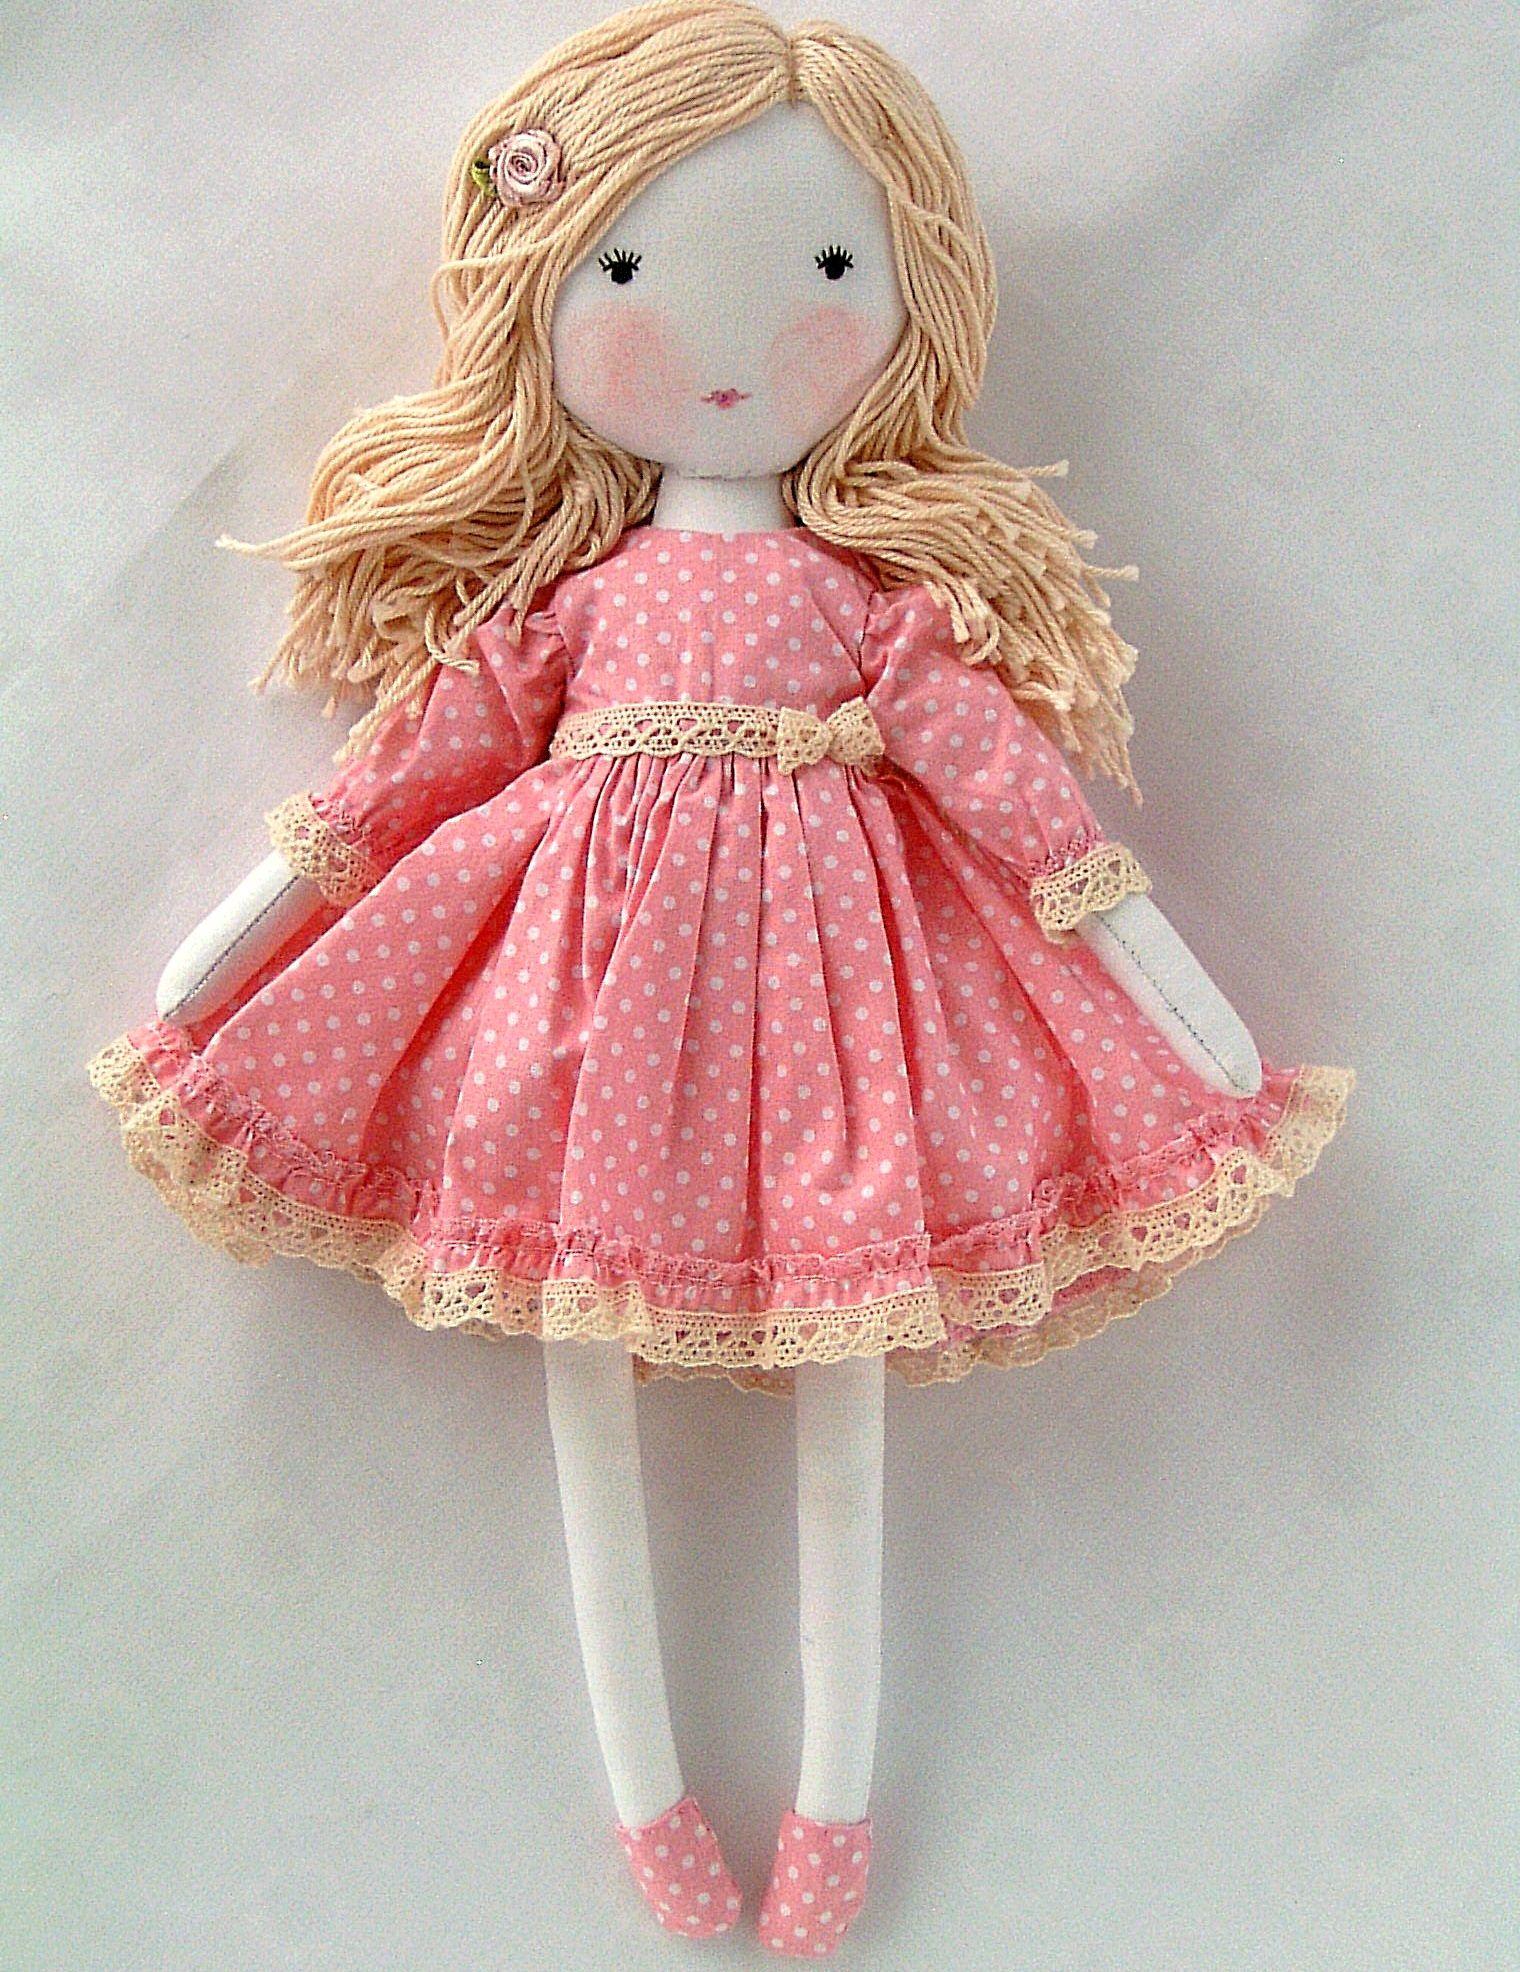 Personalized Rag Dolls Rag Doll Soft Doll Cloth Doll